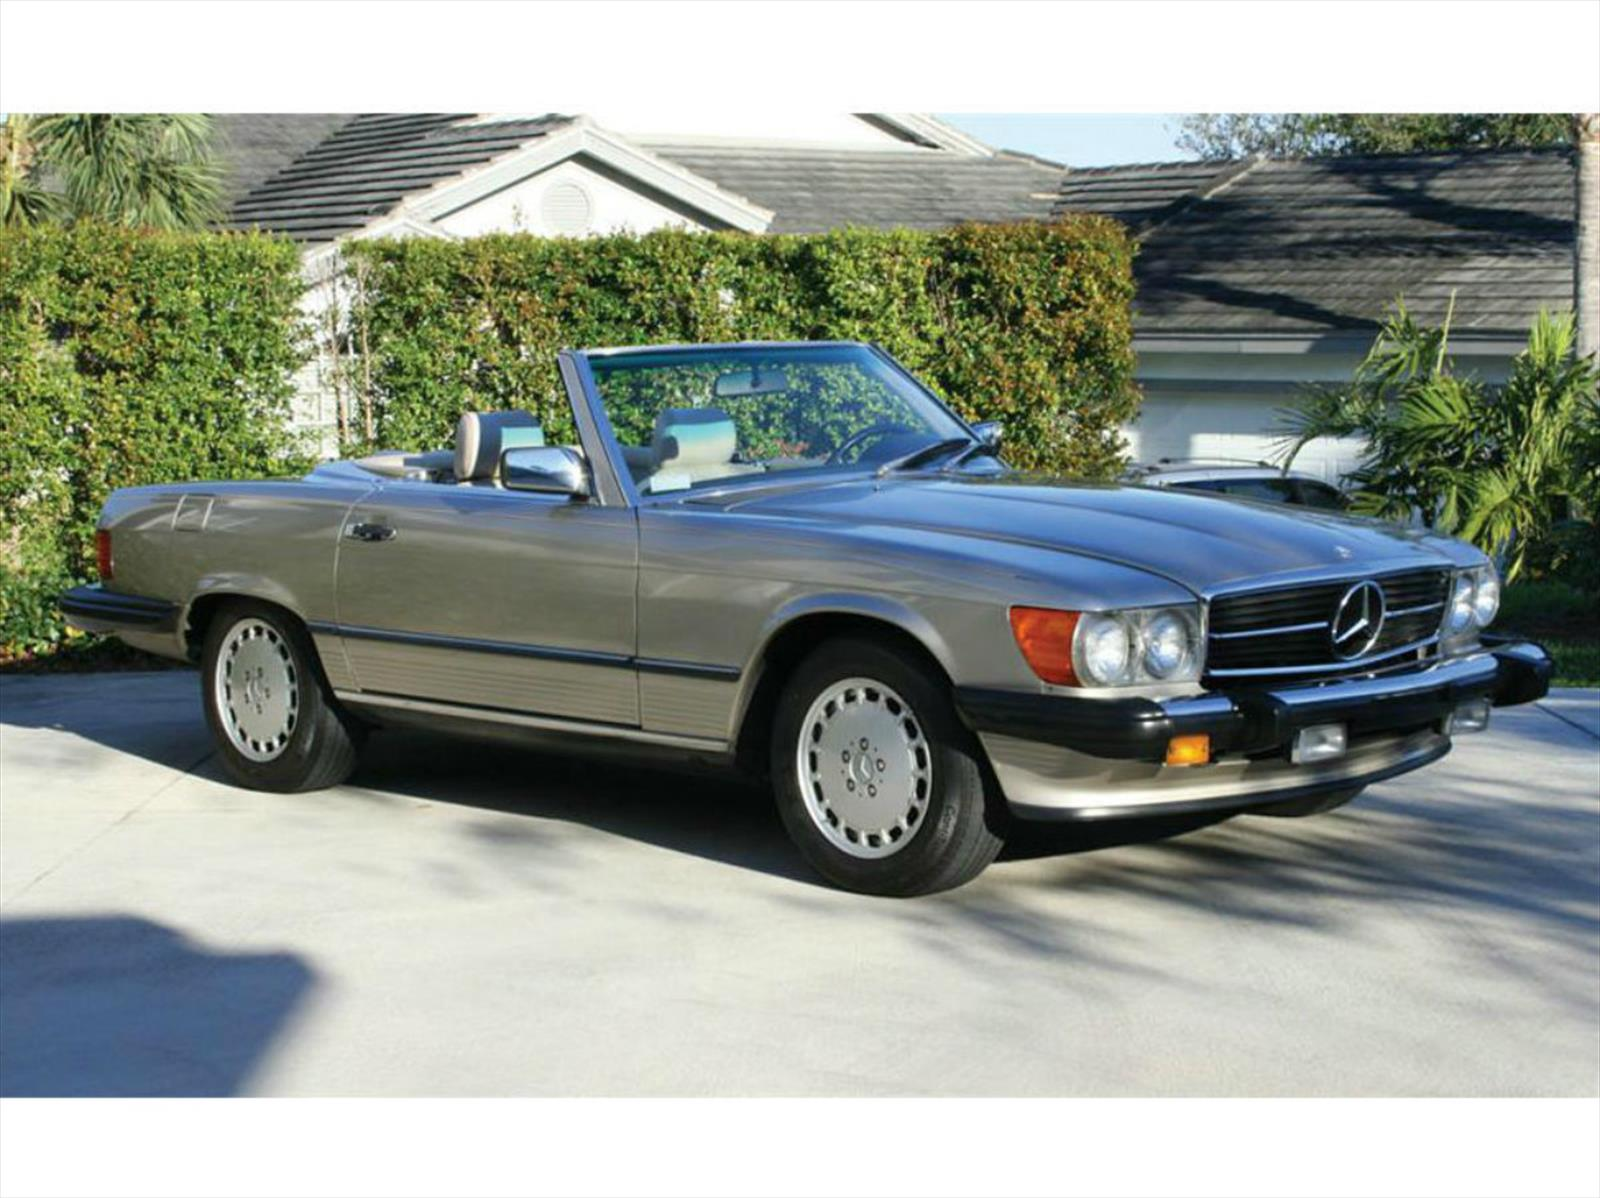 Top 10: Los mejores autos usados por menos de $8,000